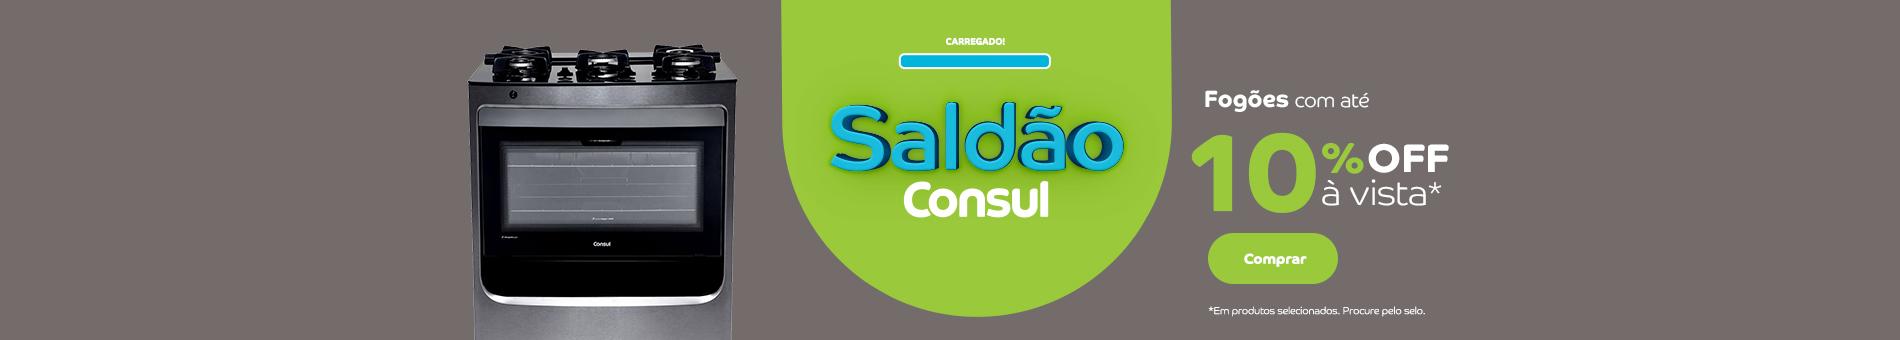 Promoção Interna - 2032 - camp-saldao_fogoes_15082017_home4 - fogoes - 4